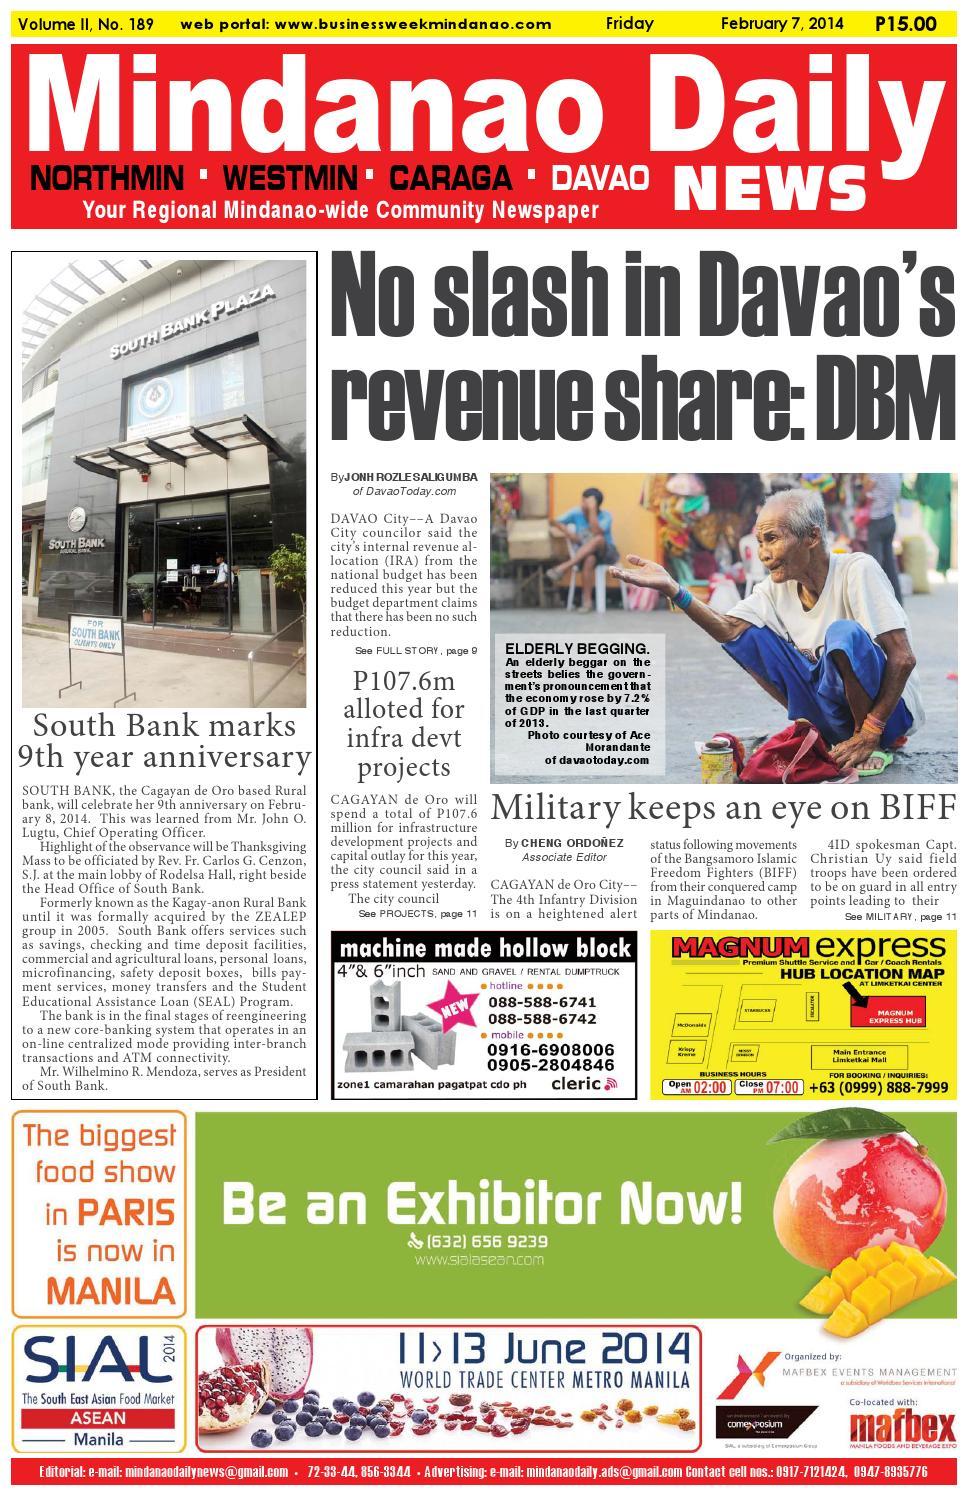 Mindanao Daily Davao (February 7, 2014) by Mindanao Daily